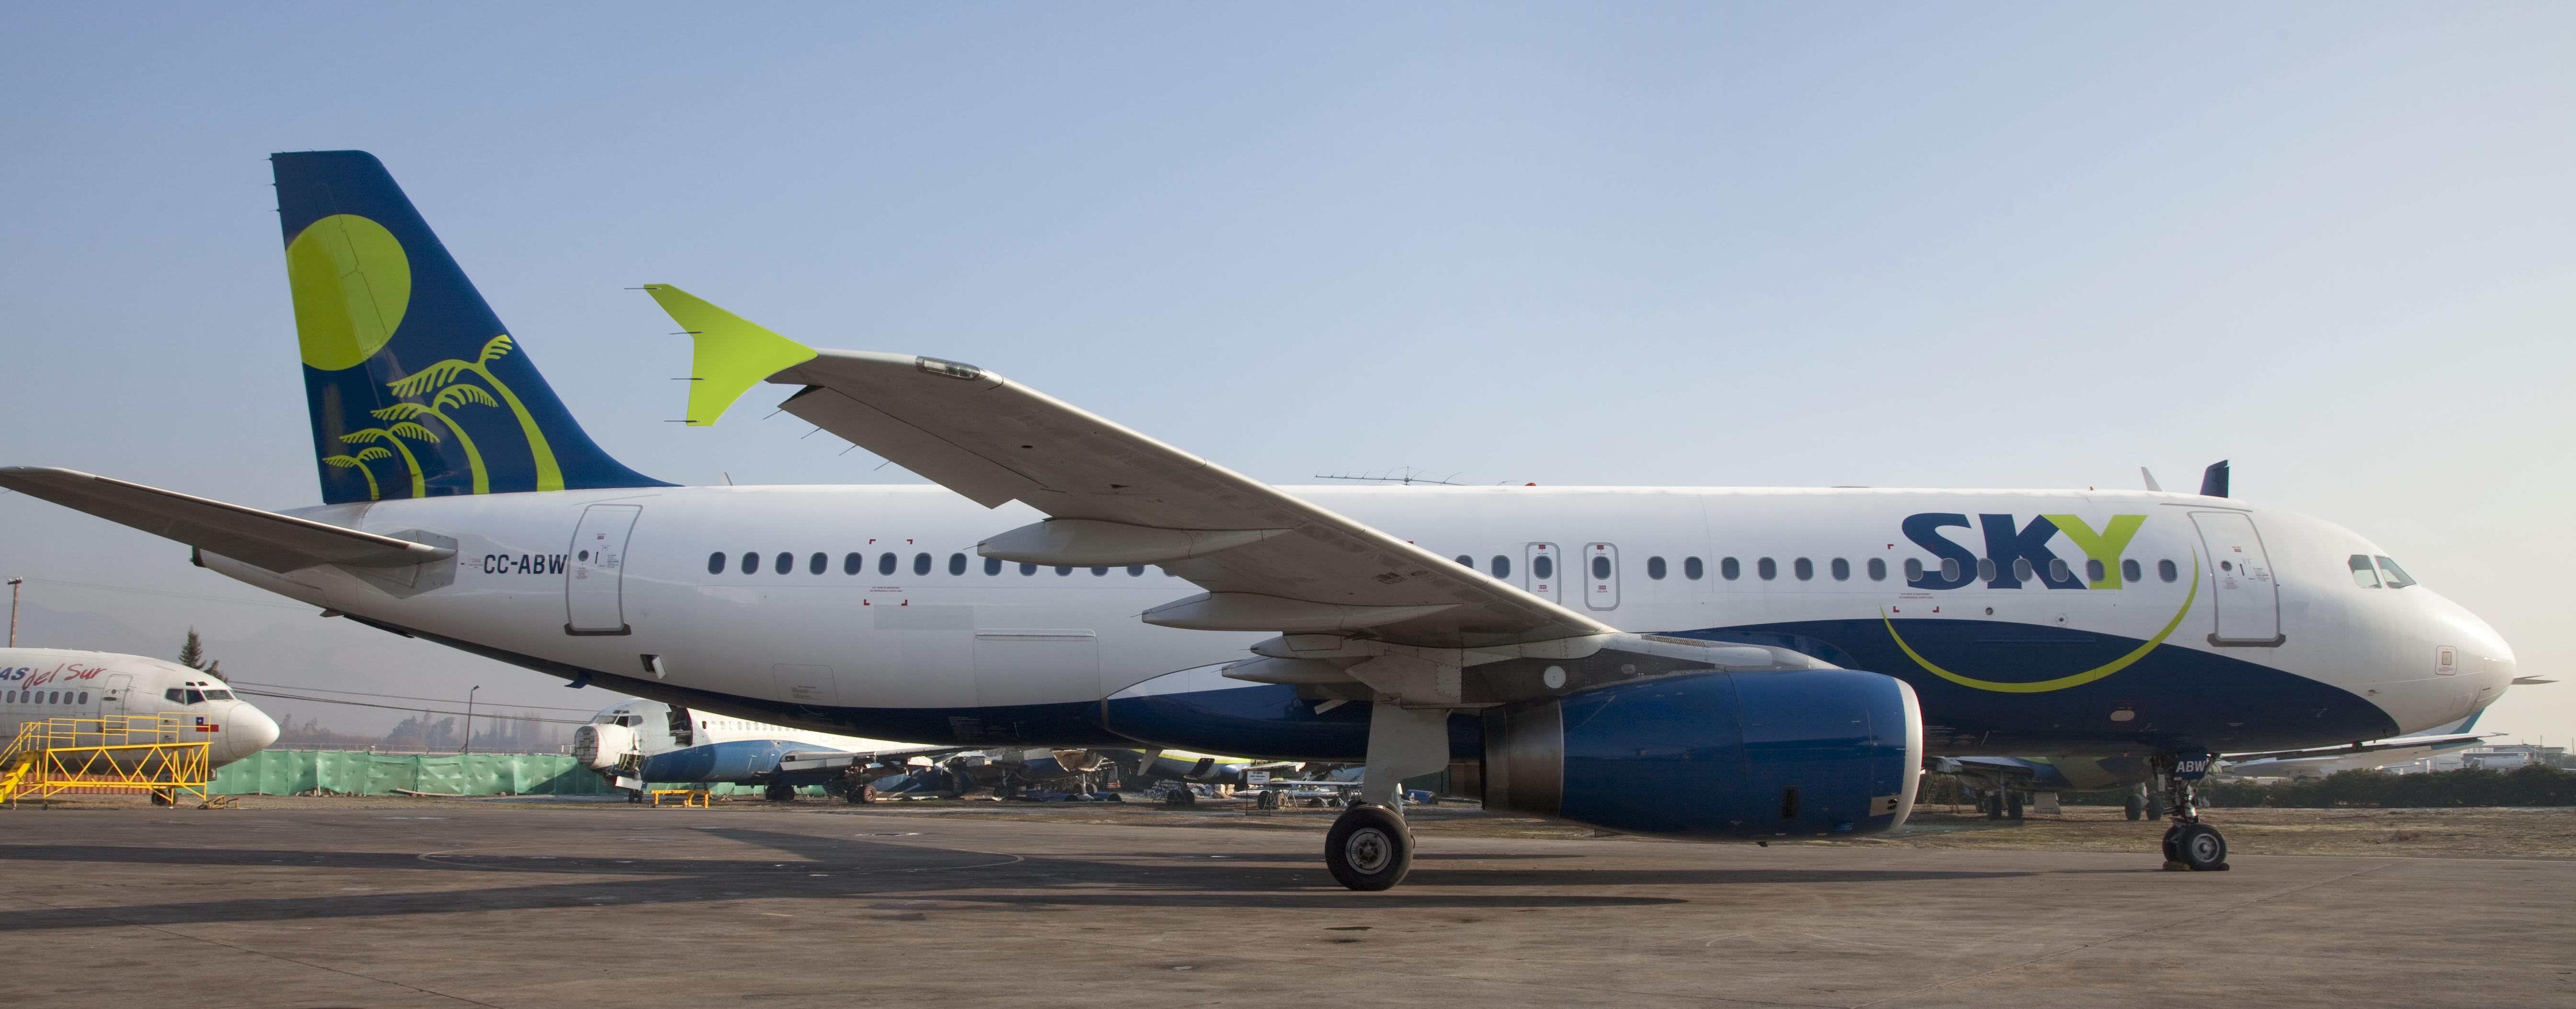 """Chile: Sky Airline revela tarifas de 5 nuevos vuelos """"a precio de bus"""" que ya comenzaron a venderse"""